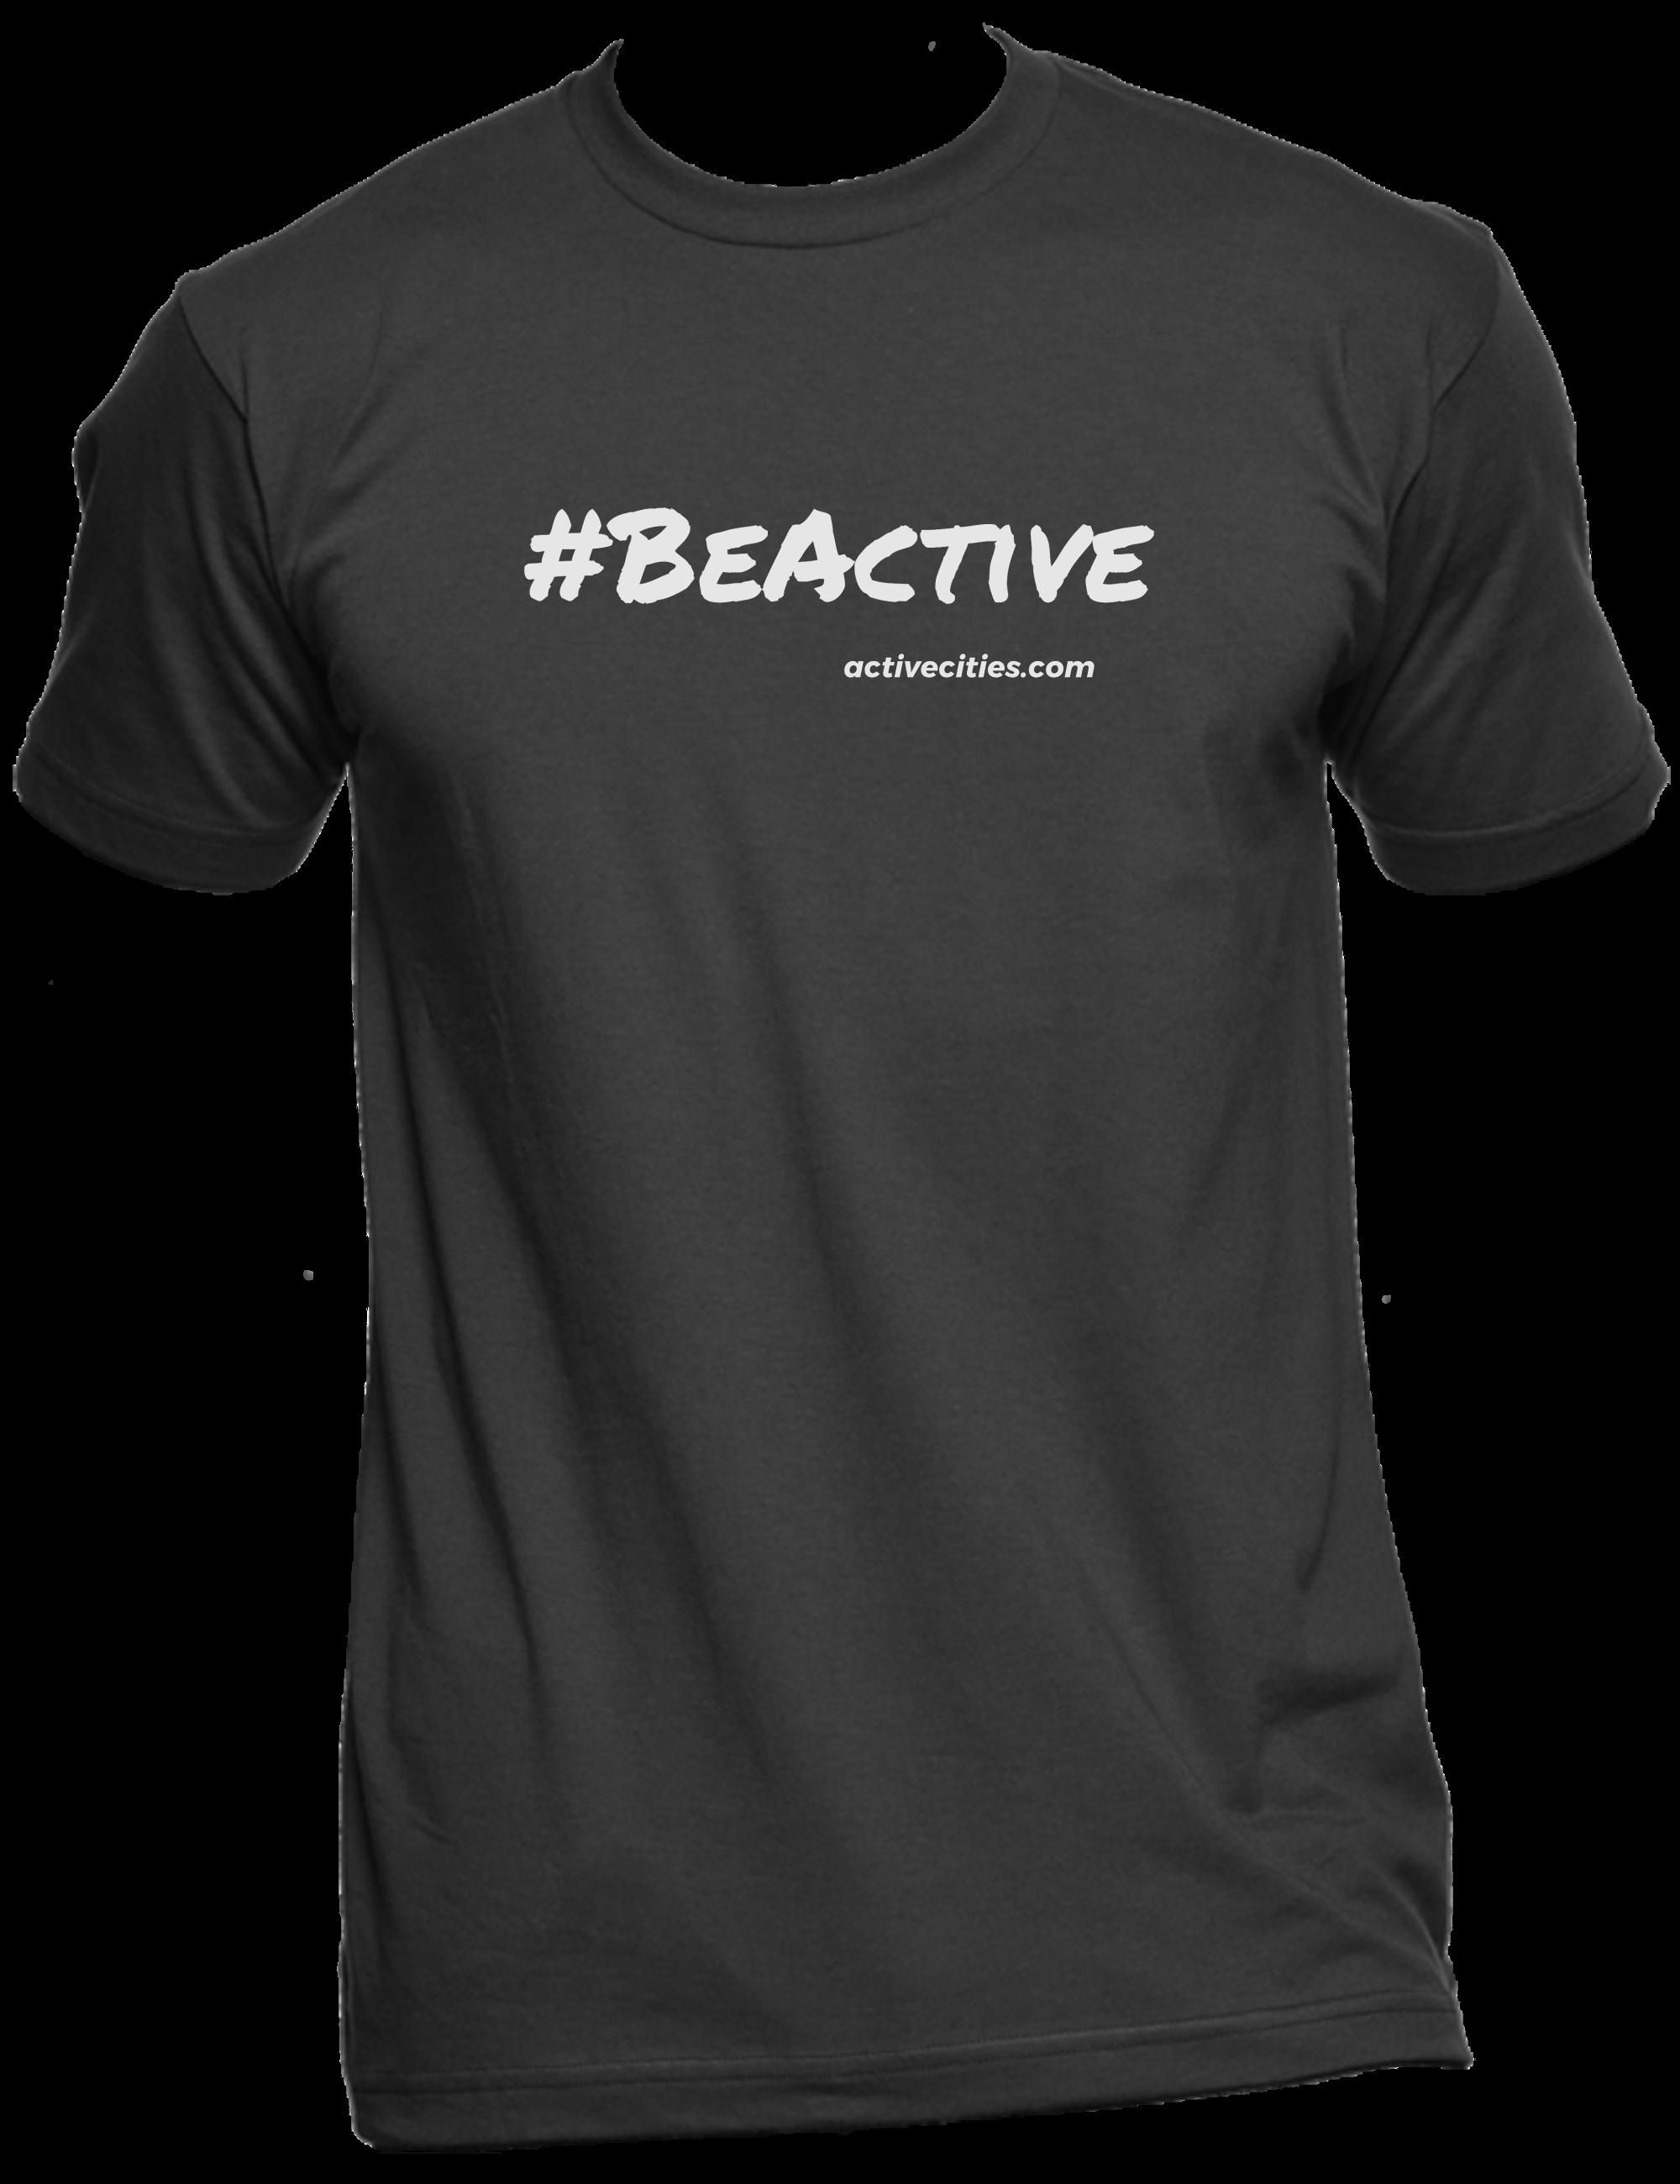 #BeActive Tee